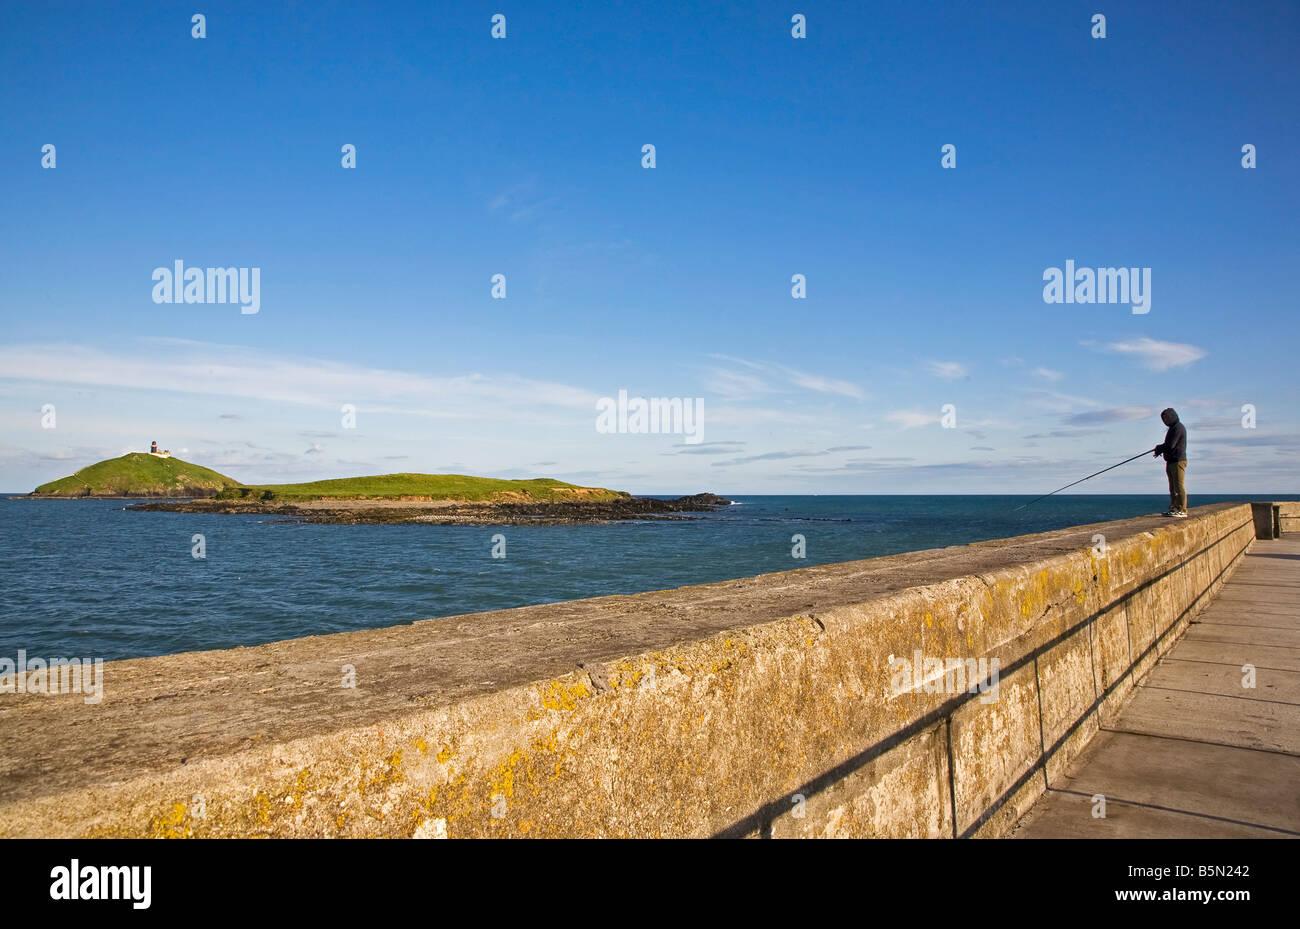 La Pesca con Lenza in mare dal porto a Ballycotton parete, County Cork, Irlanda Immagini Stock